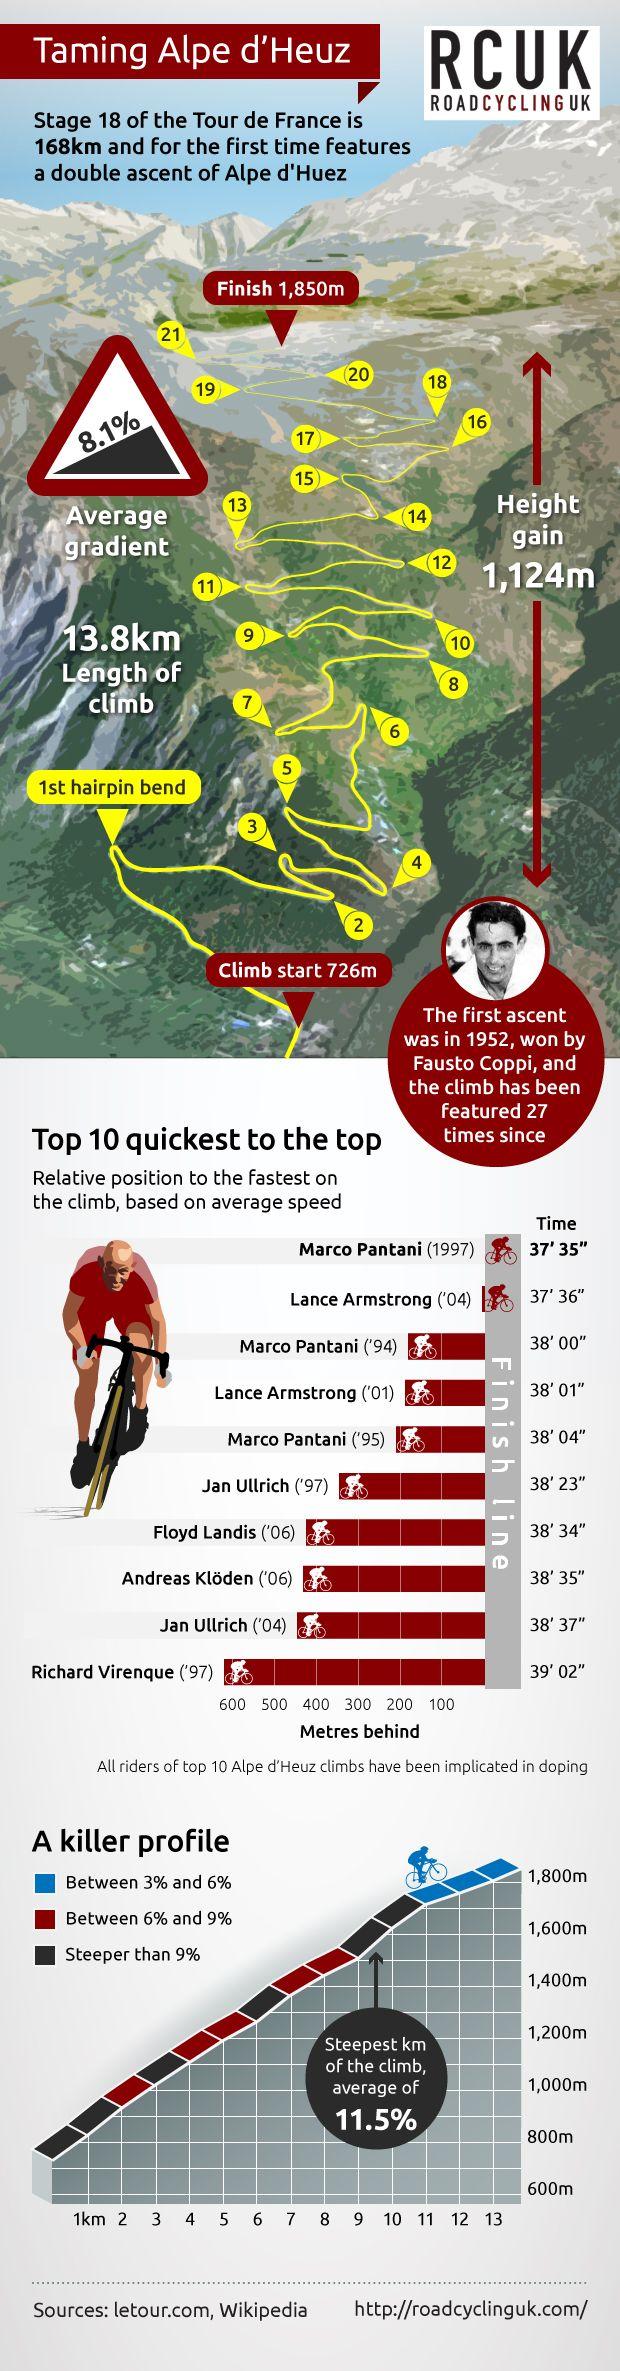 Tour de France Stage 18: L'Alpe d'Huez Times 2